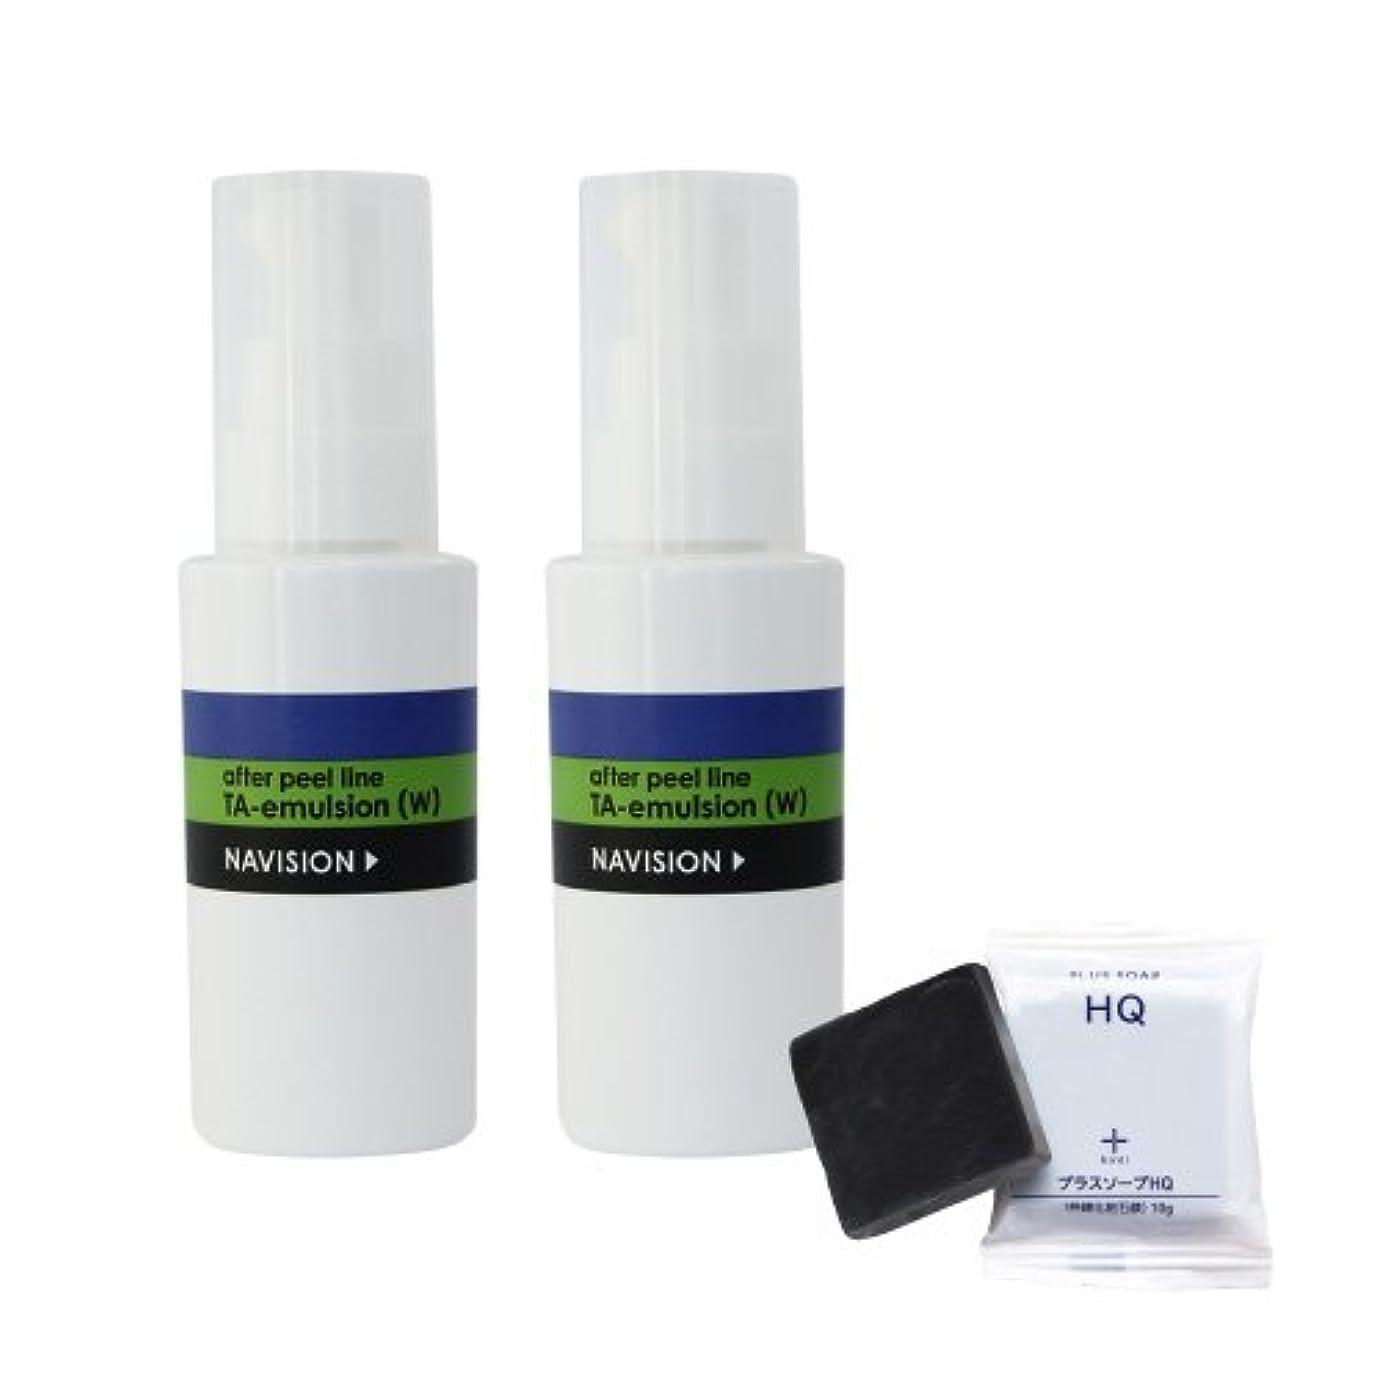 ファントム失われた製造ナビジョン NAVISION TAエマルジョン(W)(医薬部外品) 2本 + プラスソープHQミニ